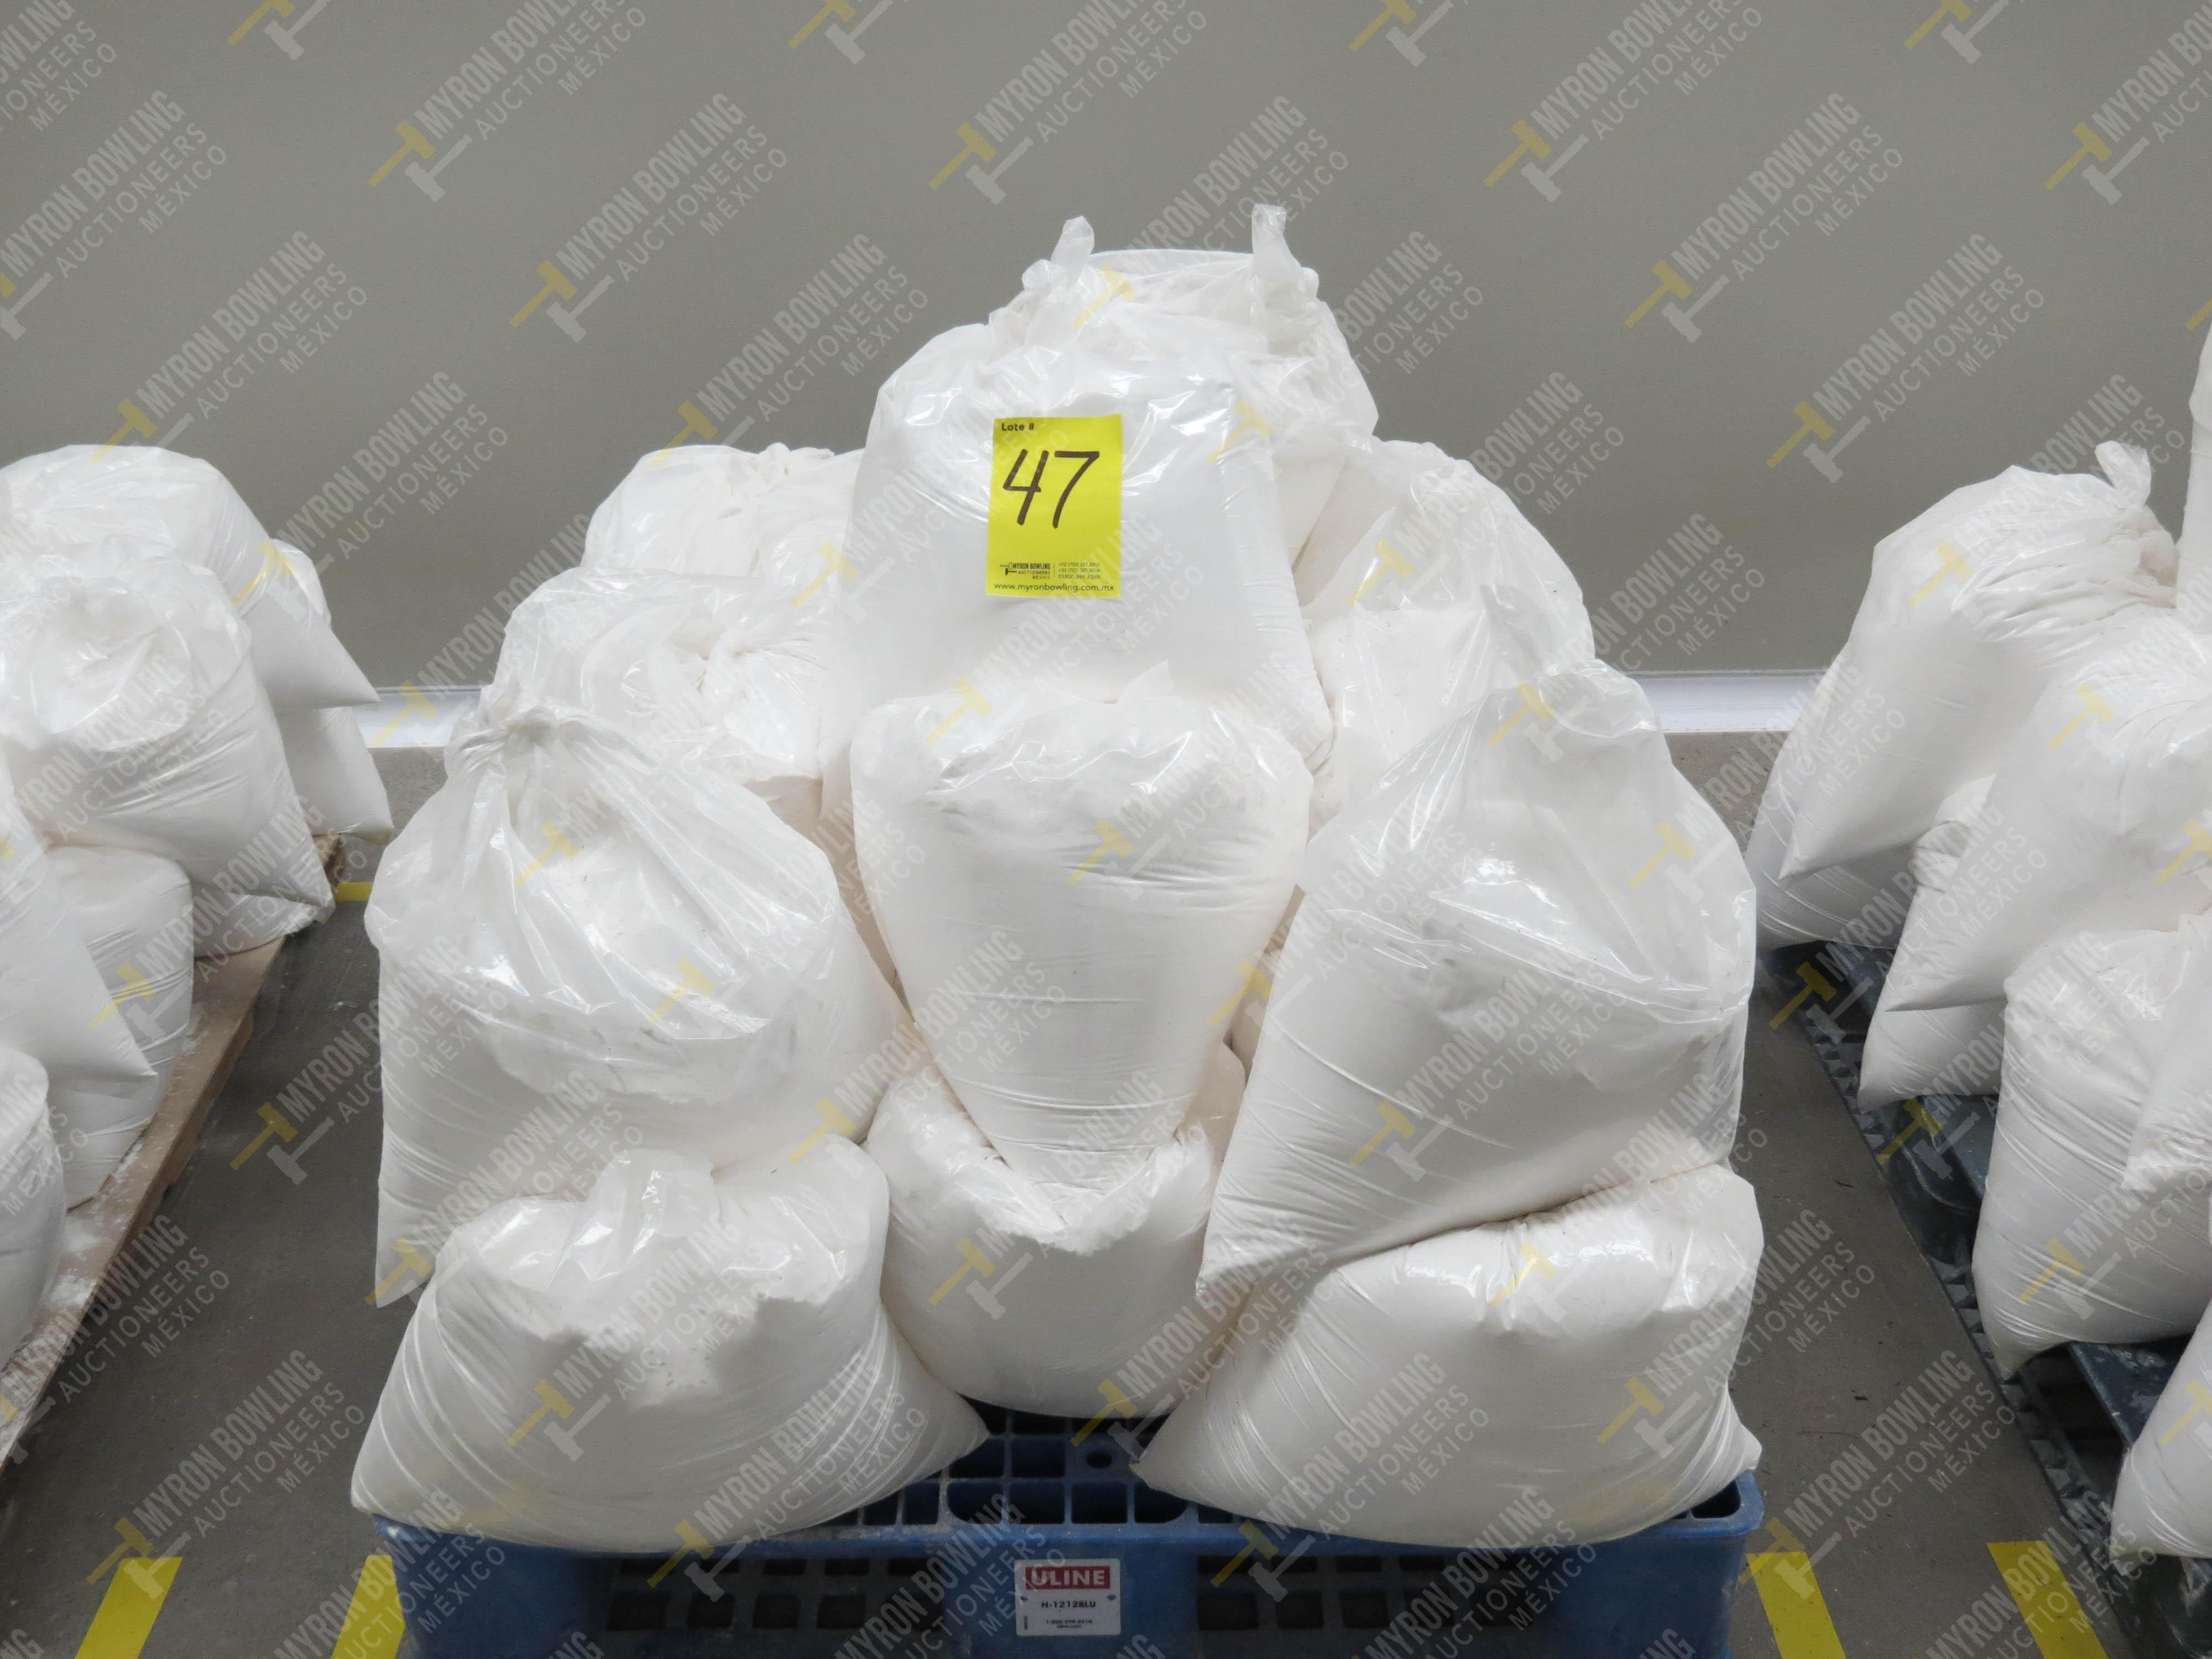 Lote de 7 tarimas de Almidón de yuca cernido aproximadamente 1.5 toneladas, una tarima … - Image 2 of 8